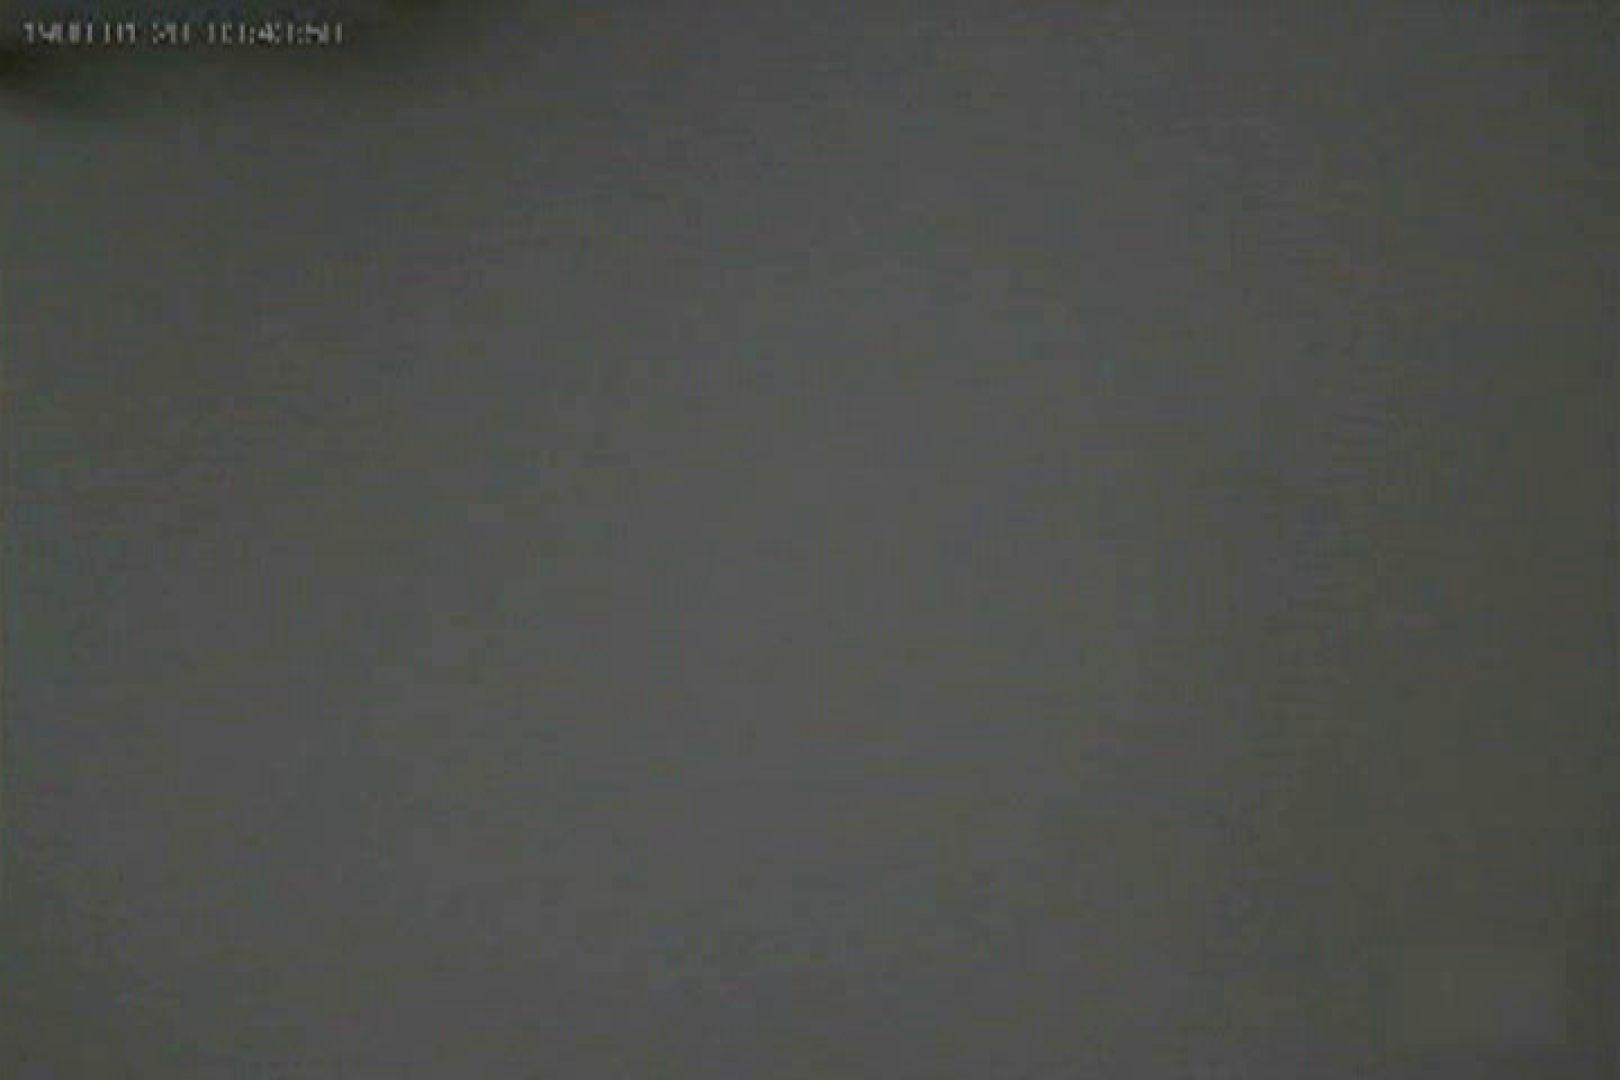 美女洗面所!痴態の生現場その02 洗面所 のぞき動画キャプチャ 83連発 82